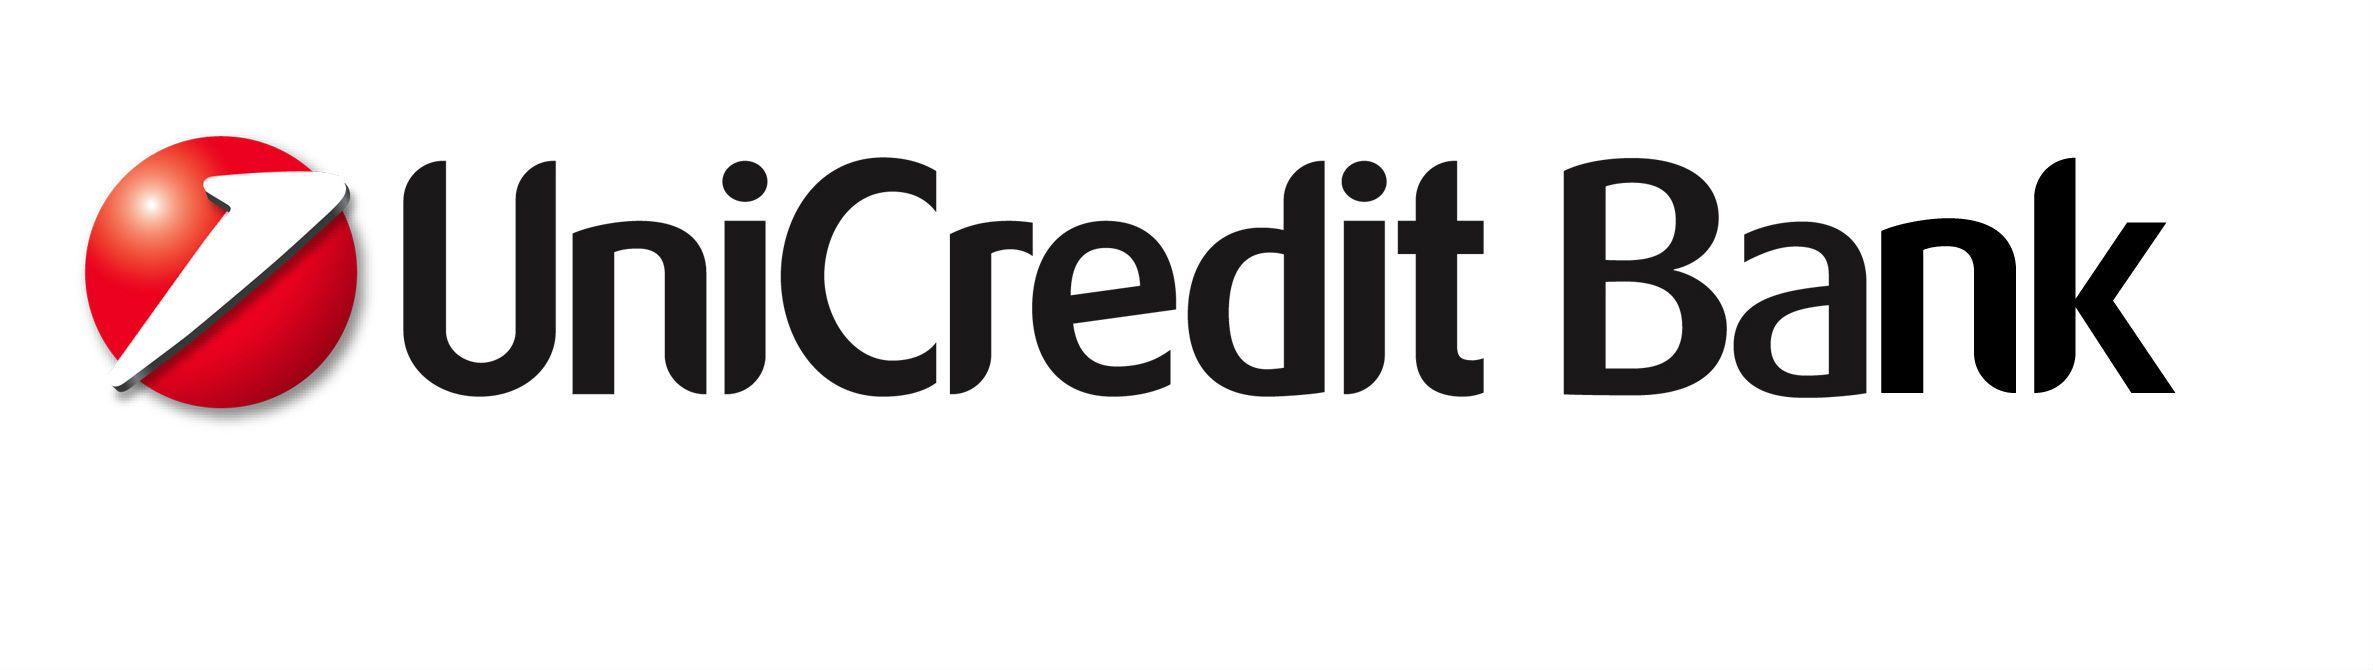 юникредит банк калькулятор ипотеки онлайн автомобиль в кредит без первоначального взноса тула